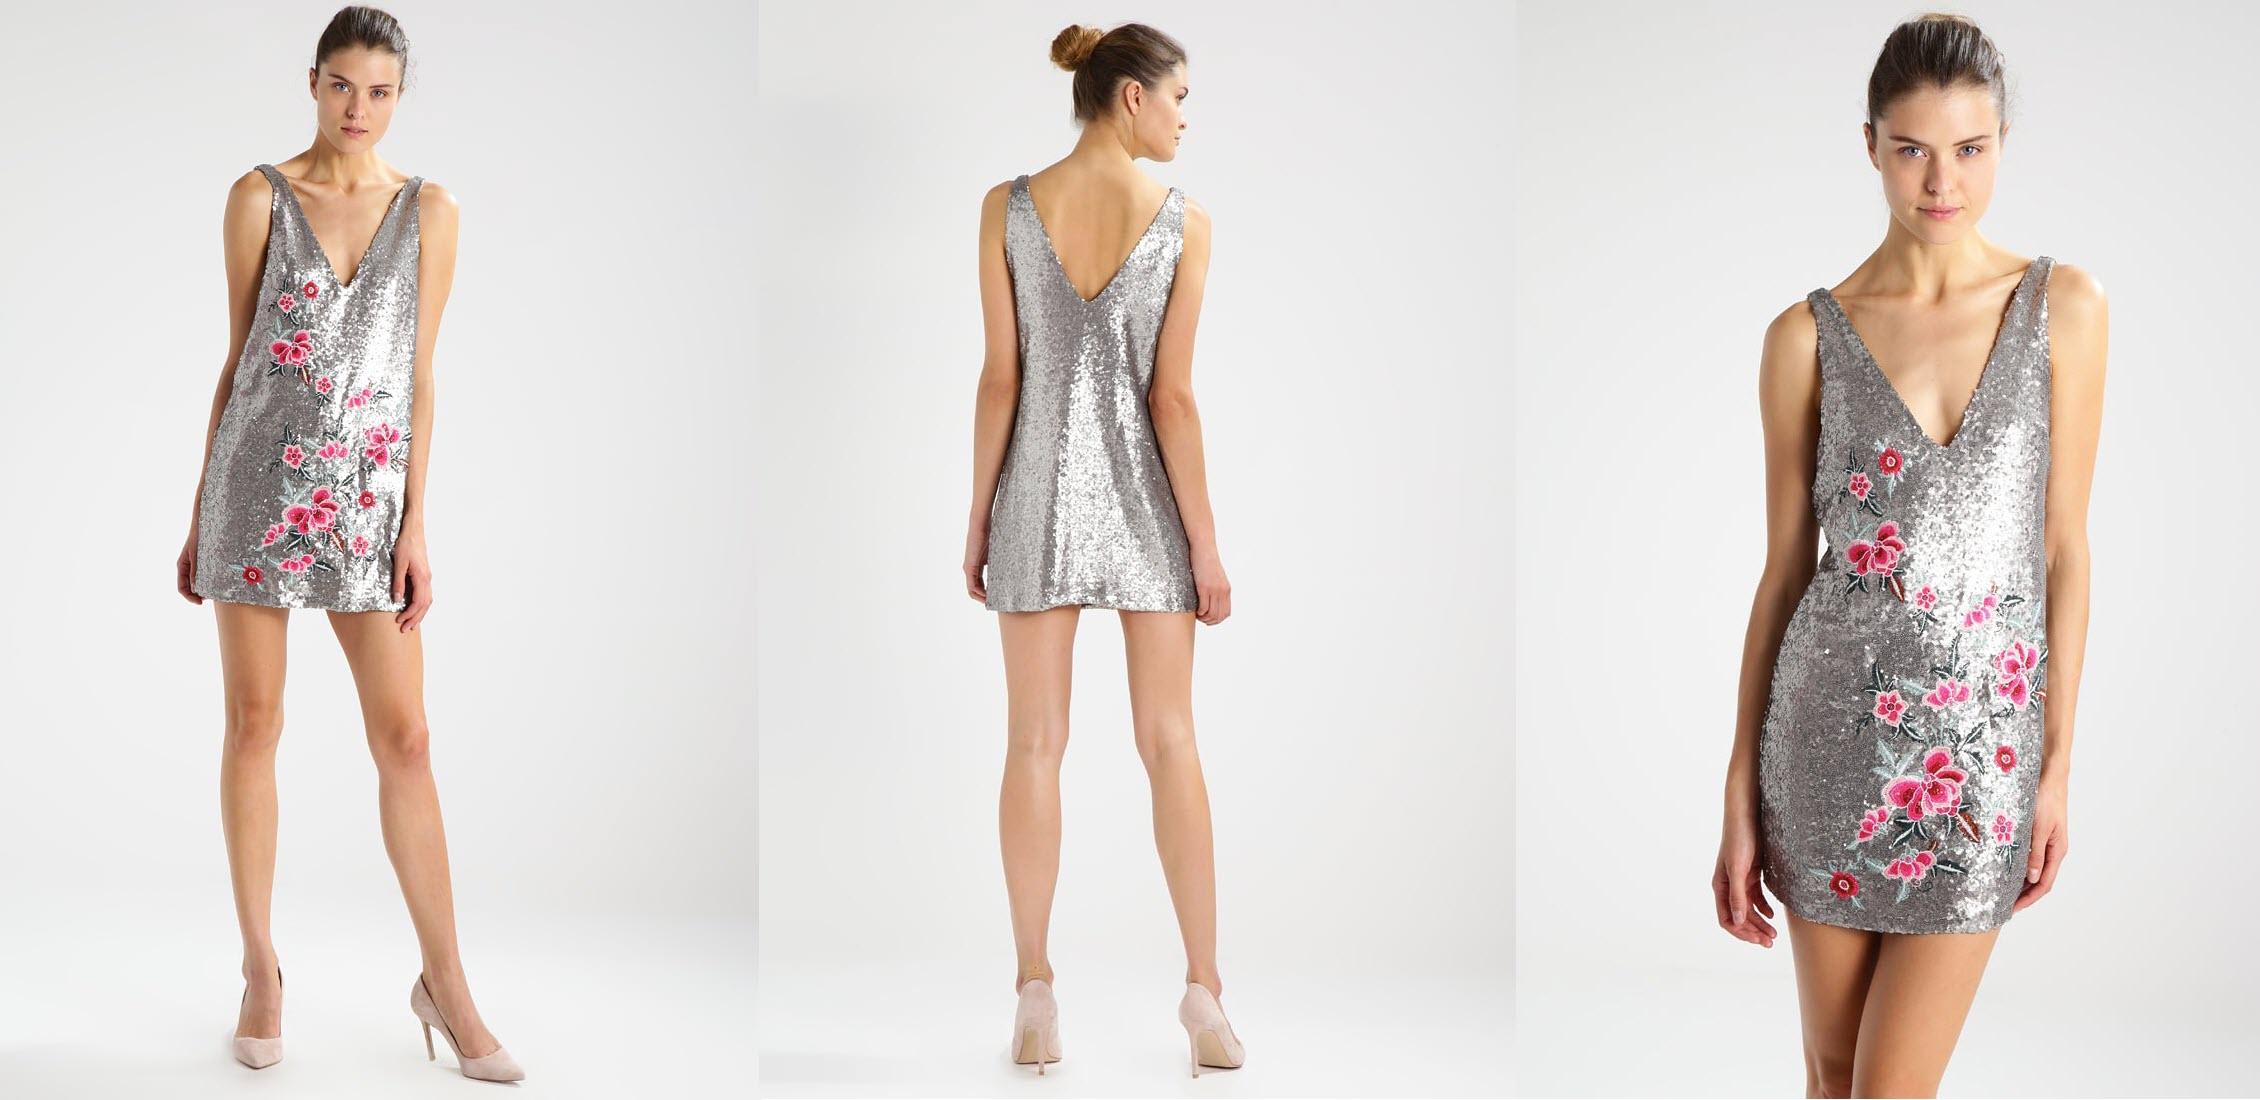 srebrna sukienka w kwiaty